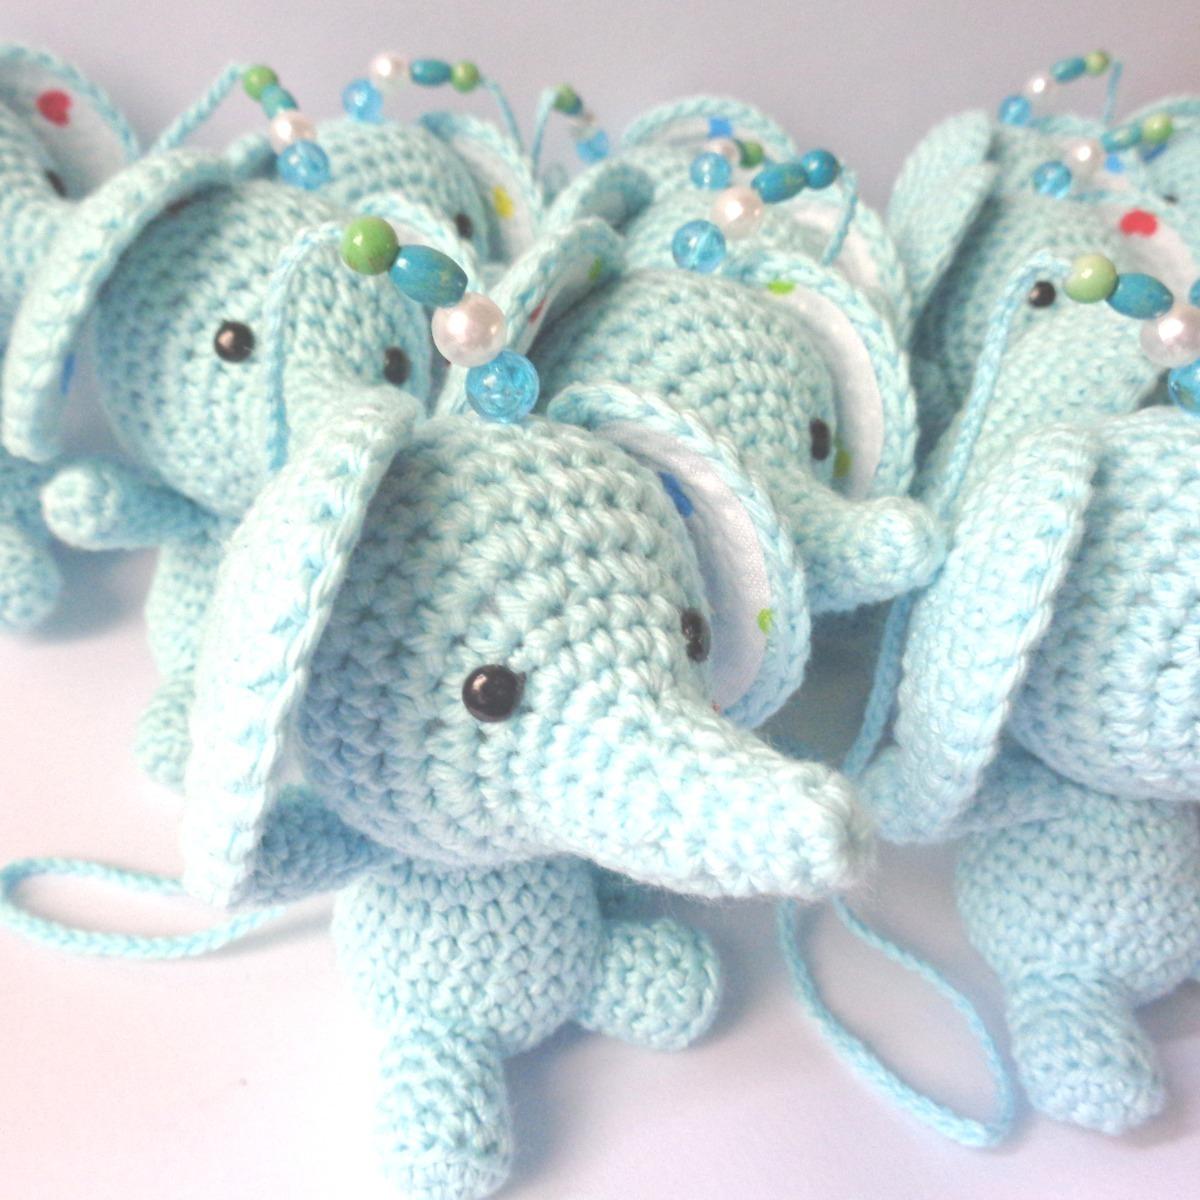 🐘 Patrón gratuito de Elefante amigurumi con adornos florales   1200x1200